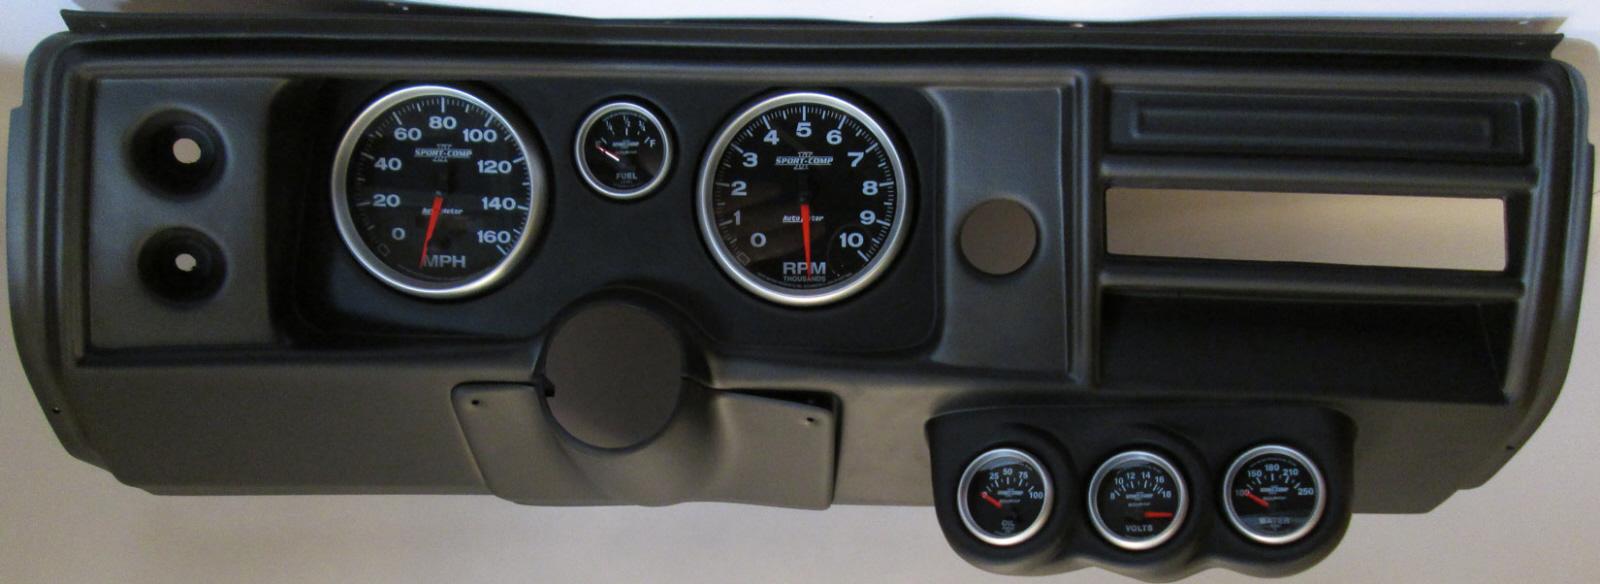 68 Chevelle El Camino Dash Panel w Sport Comp II 5